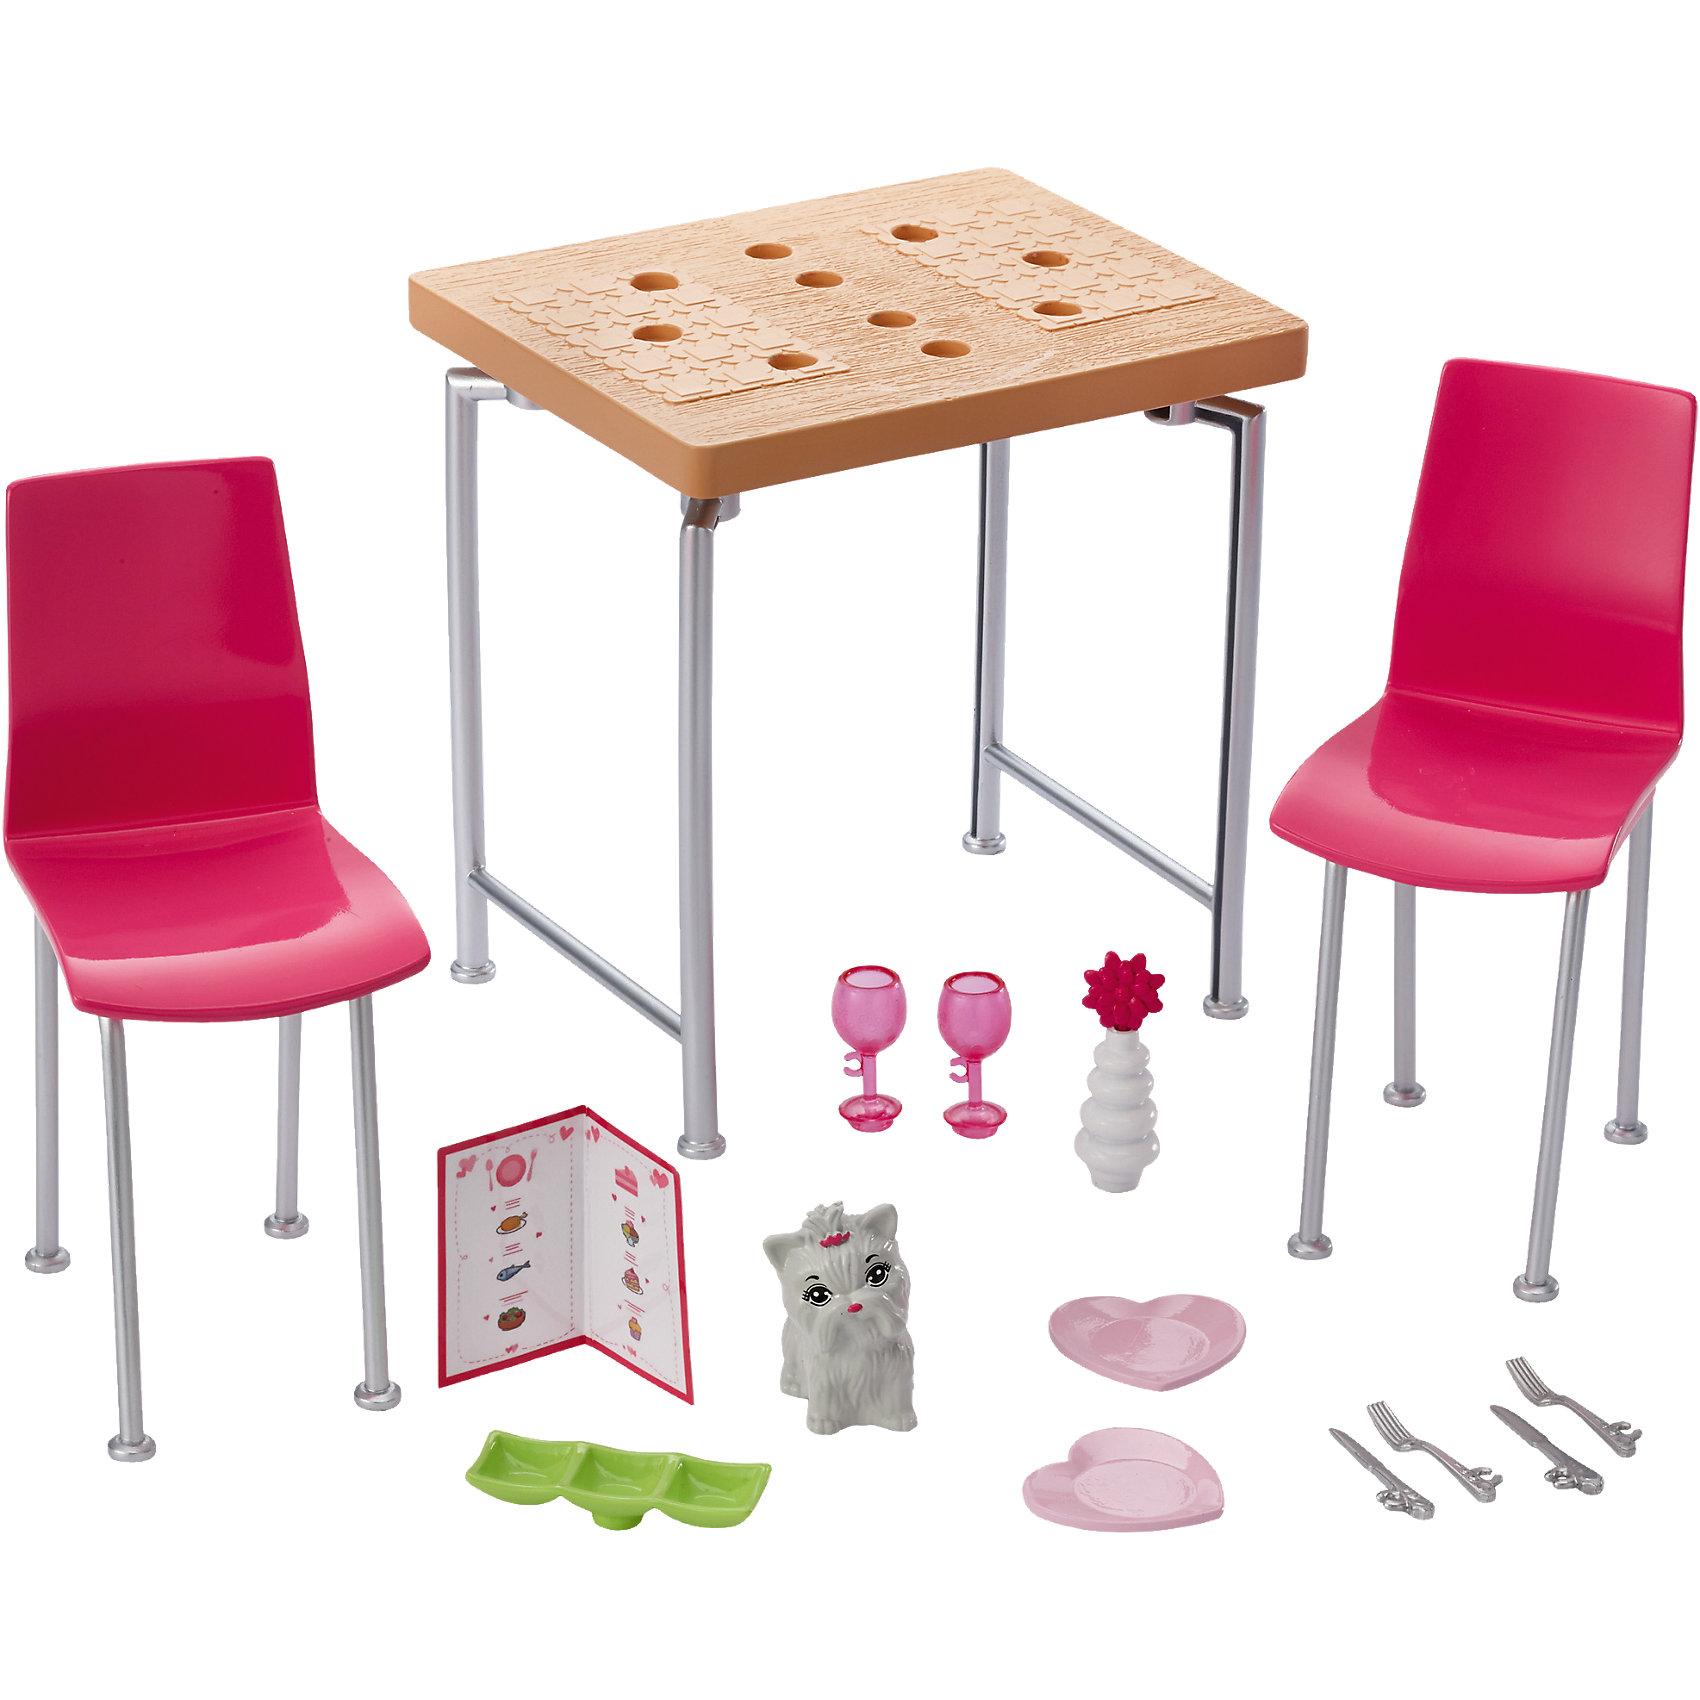 Набор мебели Обеденный стол из серии Отдых дома, BarbieМебель для кукол<br>Набор мебели Обеденный стол из серии Отдых дома, Barbie.<br><br>Характеристики:<br><br>• В наборе: 2 стула, фигурка собаки, стол, меню, ваза, 2 вилки, 2 ножа, 2 тарелки в форме сердечек, 2 фужера, аксессуар<br>• Высота стола: 14 см.<br>• Материал: пластик<br>• Упаковка: блистер<br>• Размер упаковки: 20х9х27 см.<br><br>Проведите спокойный вечер дома с набором мебели Barbie. Кукла Barbie (продается отдельно) может насладиться великолепной трапезой за обеденным столом с двумя стульями. Ножки у мебели сделаны из пластика серебристого цвета с имитацией под металл, а сидения стульев ярко-розового цвета - самого любимого у Барби. На столе можно расположить аксессуары: тарелки в форме сердечек, вилки, ножи, вазу, фужеры и меню. <br><br>Также в наборе есть фигурка домашнего питомца - маленькой белой собачки с розовым бантиком. Все элементы наборы выполнены из прочного и безопасного для ребенка пластика. Собери всю превосходную мебель и аксессуары, чтобы создать полноценный интерьер для своей куклы Barbie.<br><br>Набор мебели Обеденный стол из серии Отдых дома, Barbie можно купить в нашем интернет-магазине.<br><br>Ширина мм: 271<br>Глубина мм: 192<br>Высота мм: 88<br>Вес г: 255<br>Возраст от месяцев: 36<br>Возраст до месяцев: 72<br>Пол: Женский<br>Возраст: Детский<br>SKU: 5257110